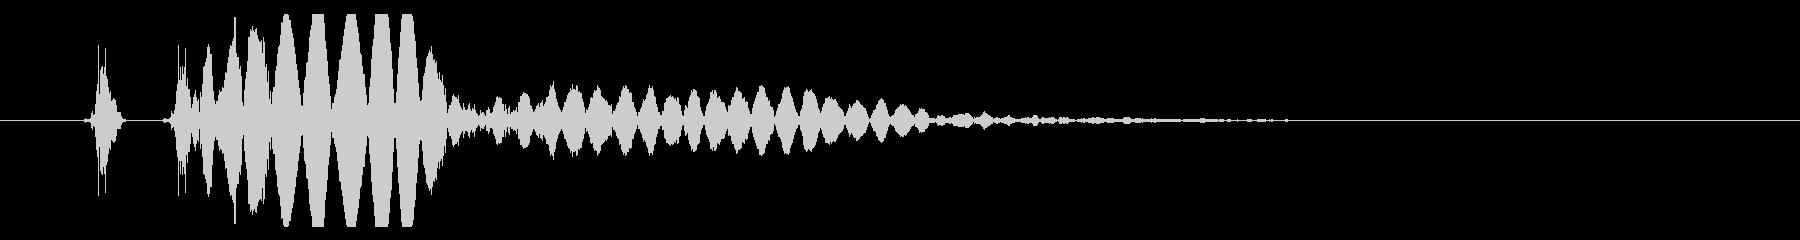 【打撃音24】パンチやキックに最適です!の未再生の波形